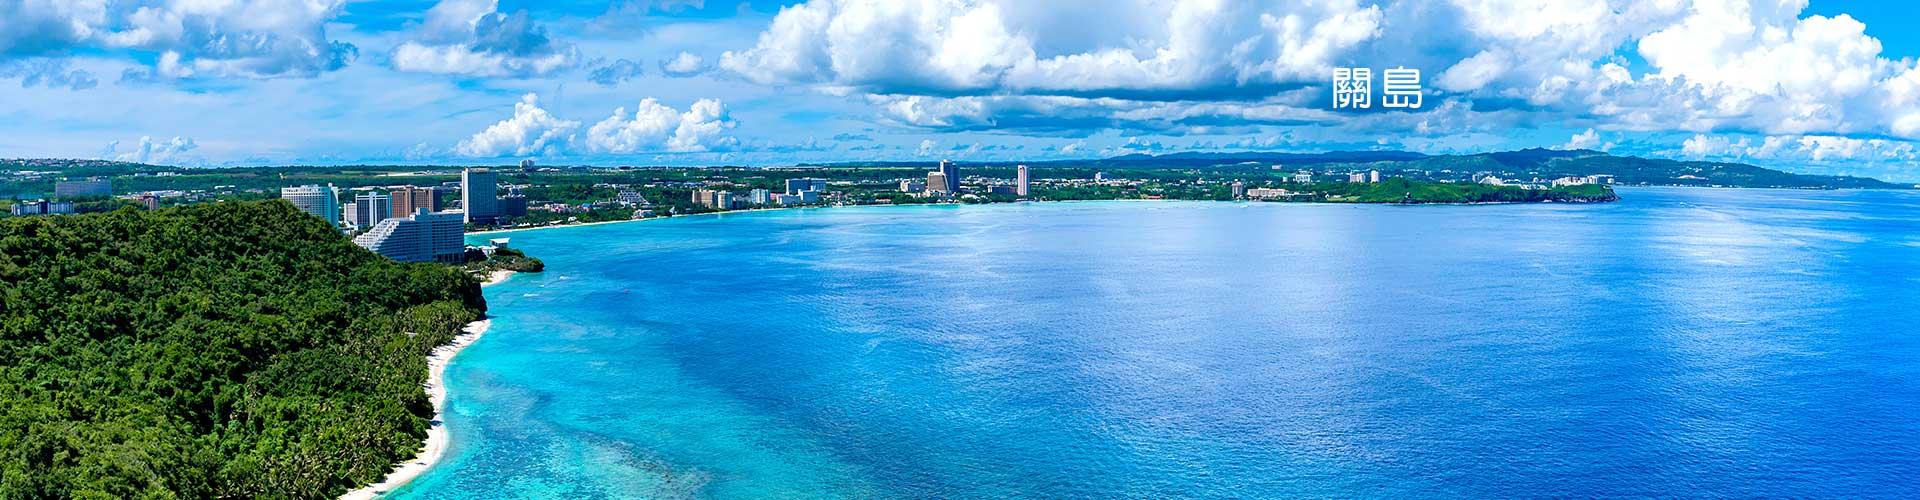 Guam_zh-hk.jpg